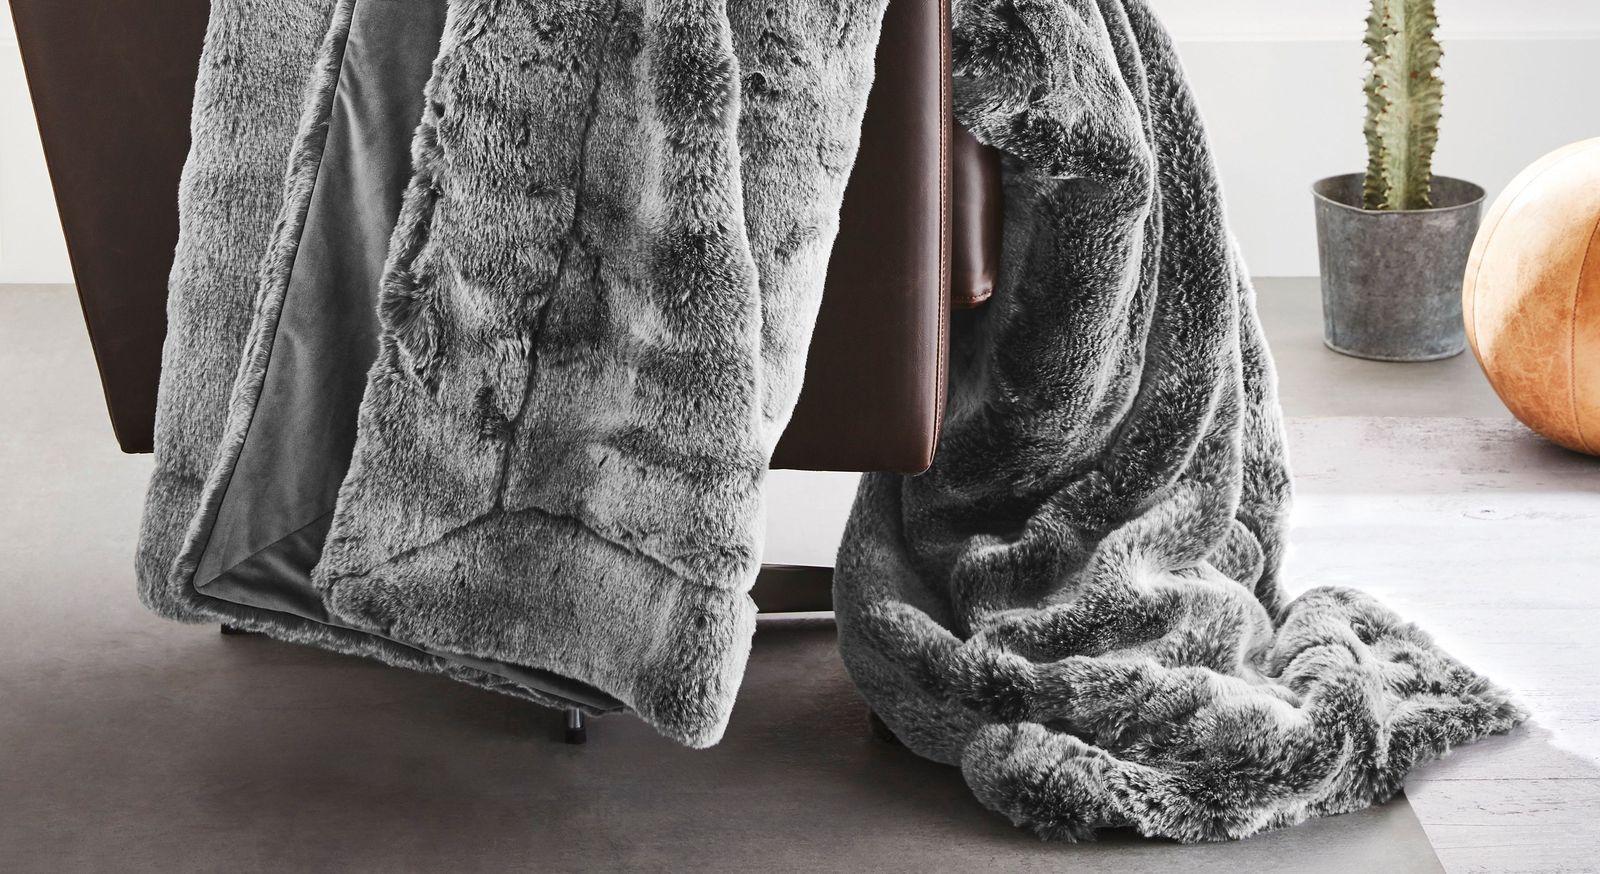 Stilvolle Felldecke Wildkatze grau von bugatti in elegantem Dessin